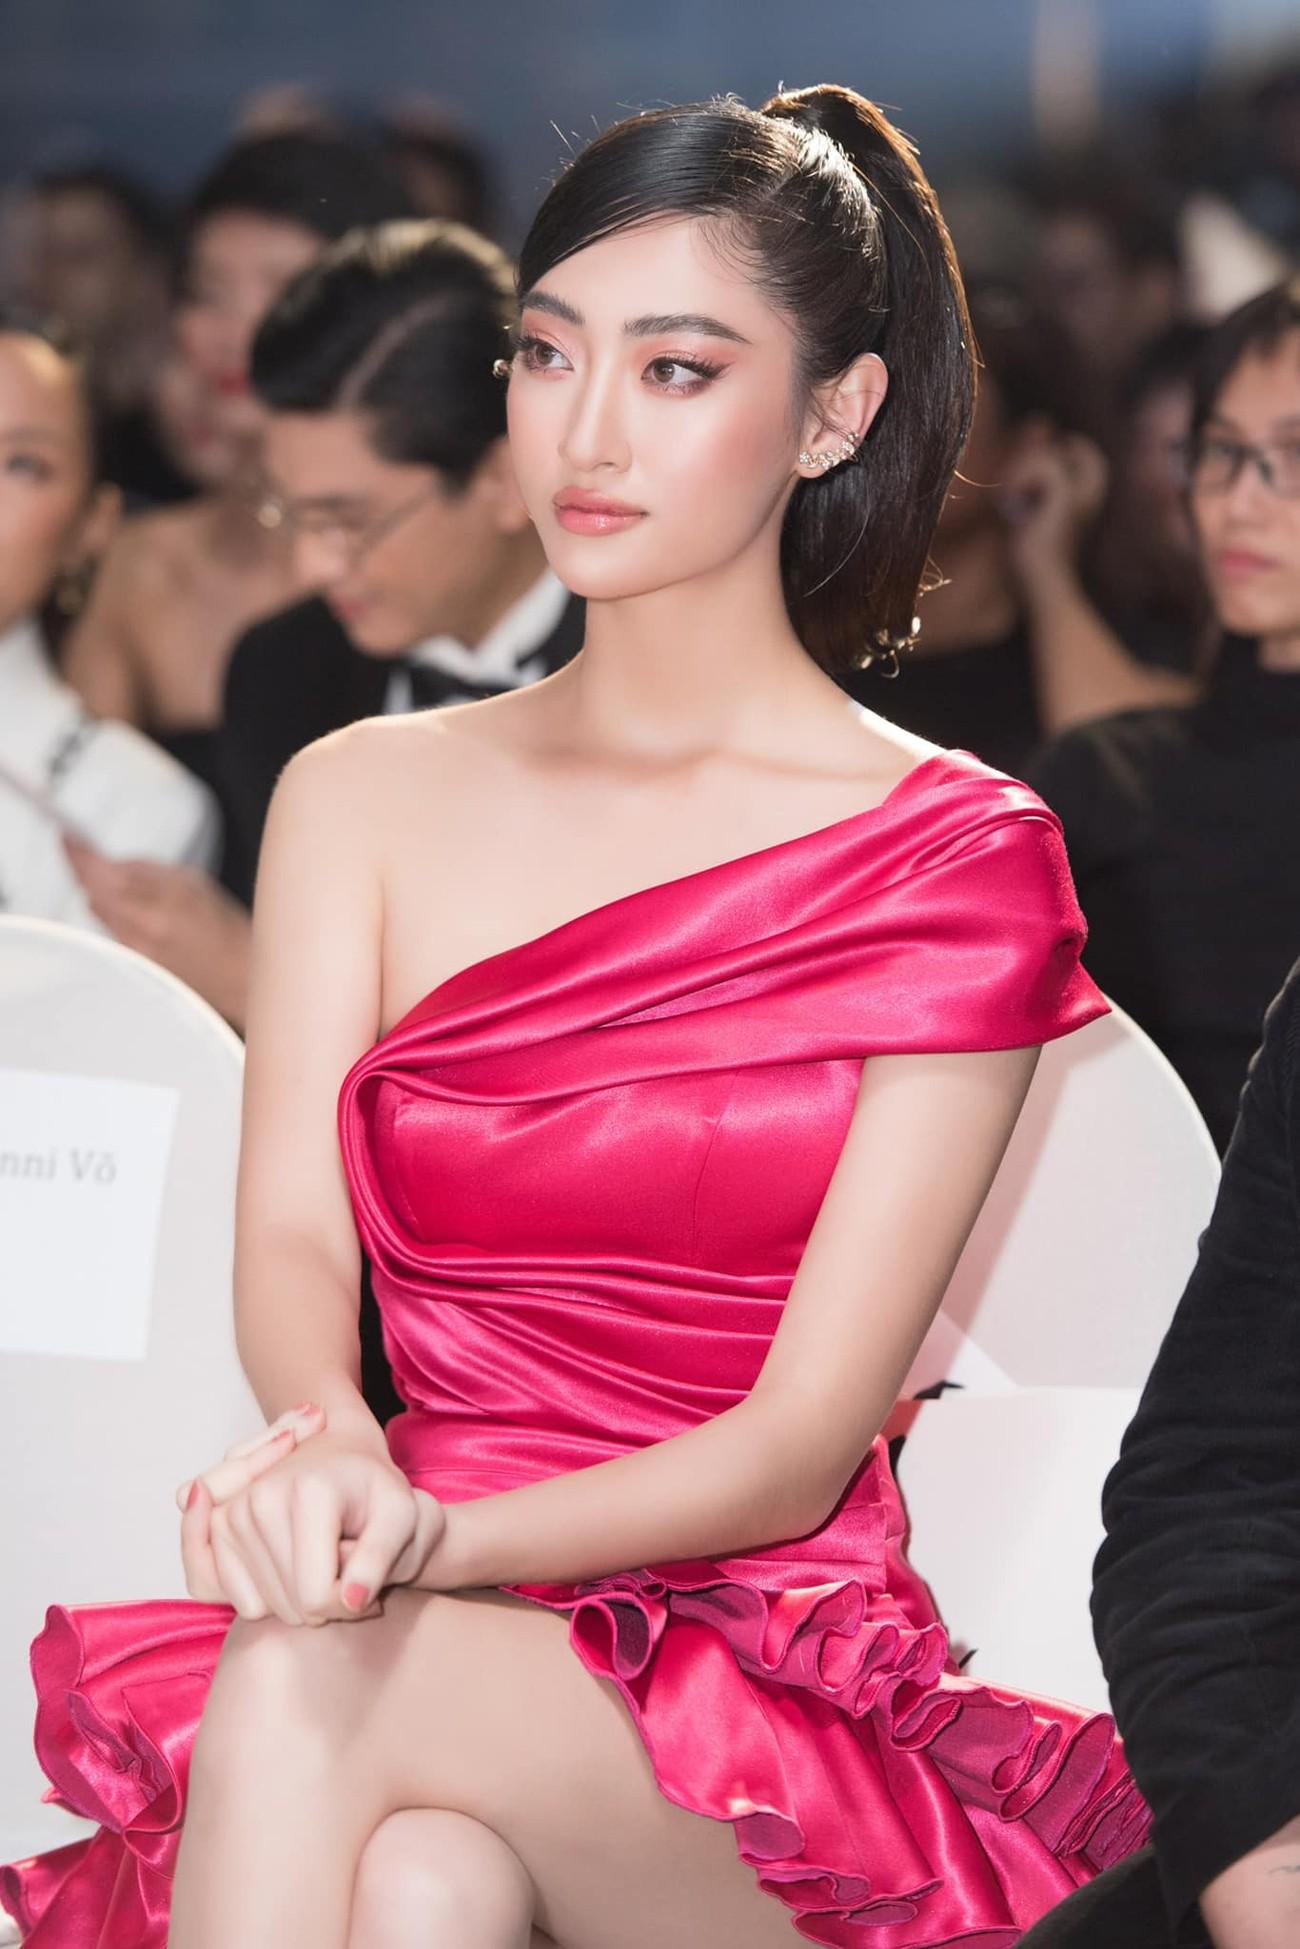 Tiểu Vy, Lương Thuỳ Linh diện váy cắt xẻ táo bạo khoe đường cong đẹp mắt ảnh 3